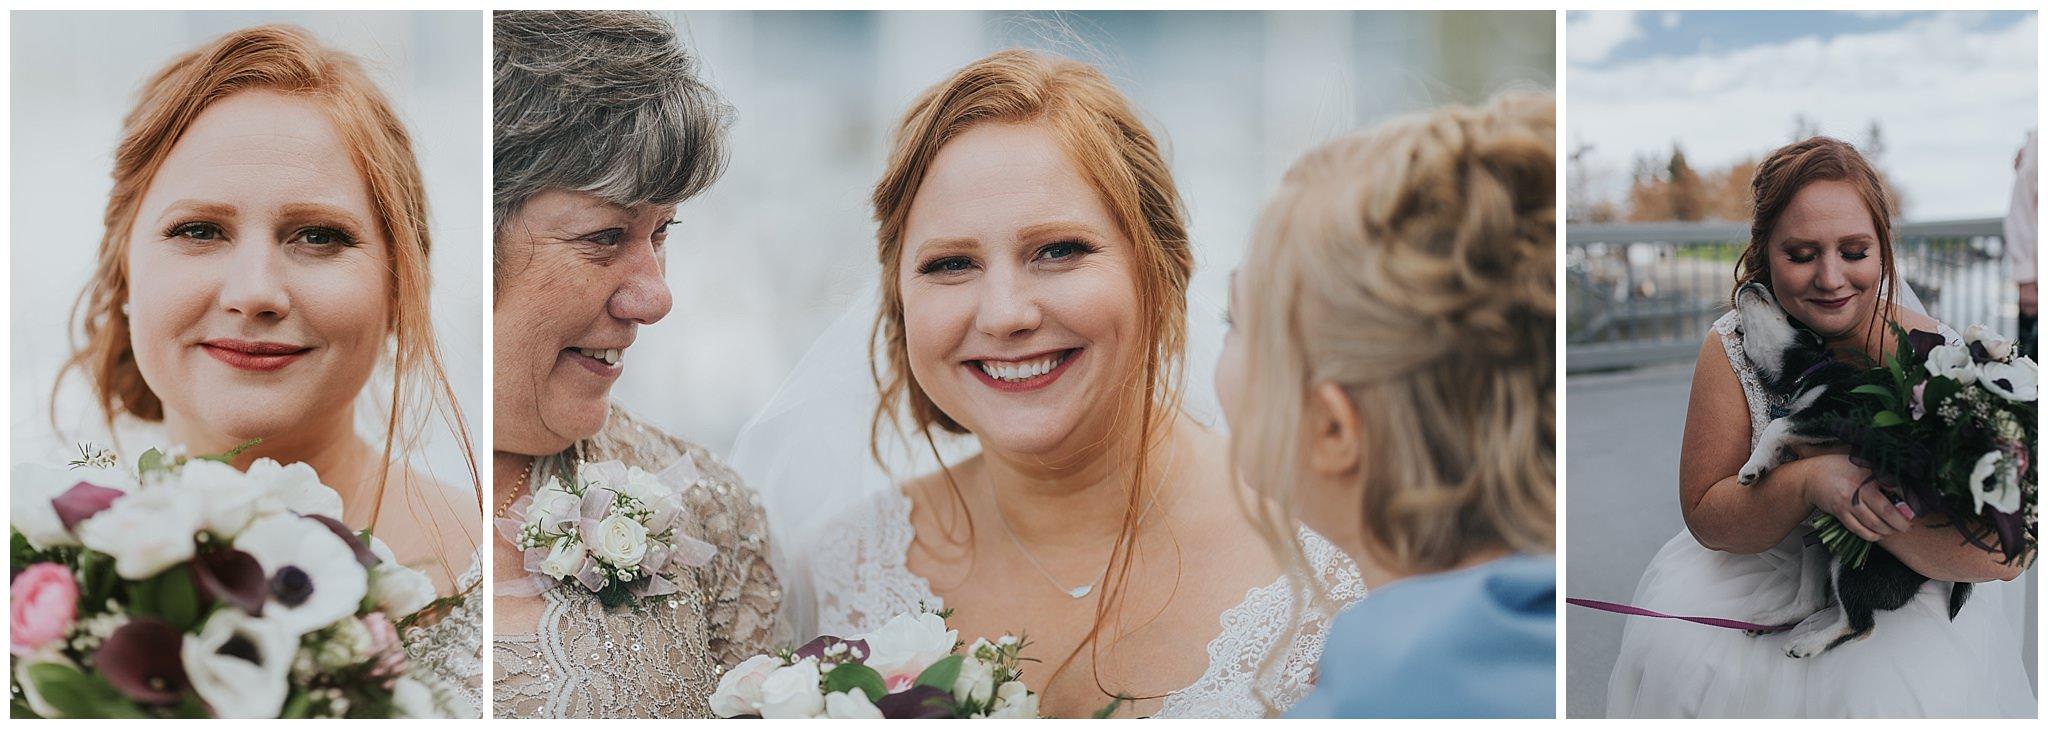 seattleweddingphotography44.jpg